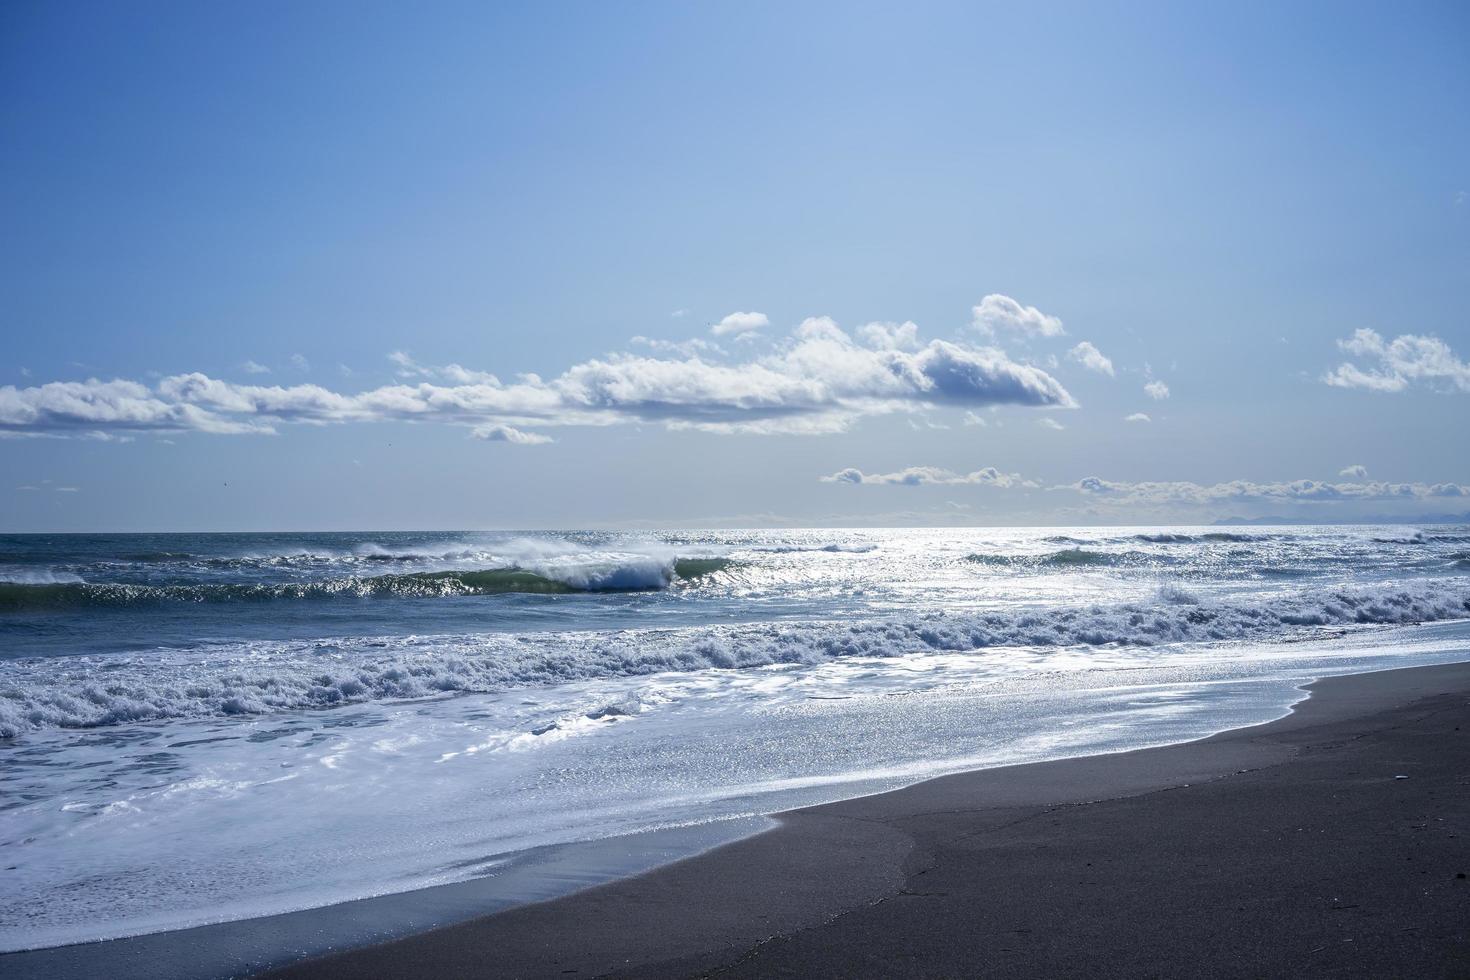 Paysage marin d'une plage et d'un plan d'eau avec ciel bleu nuageux à Kamchatka, Russie photo